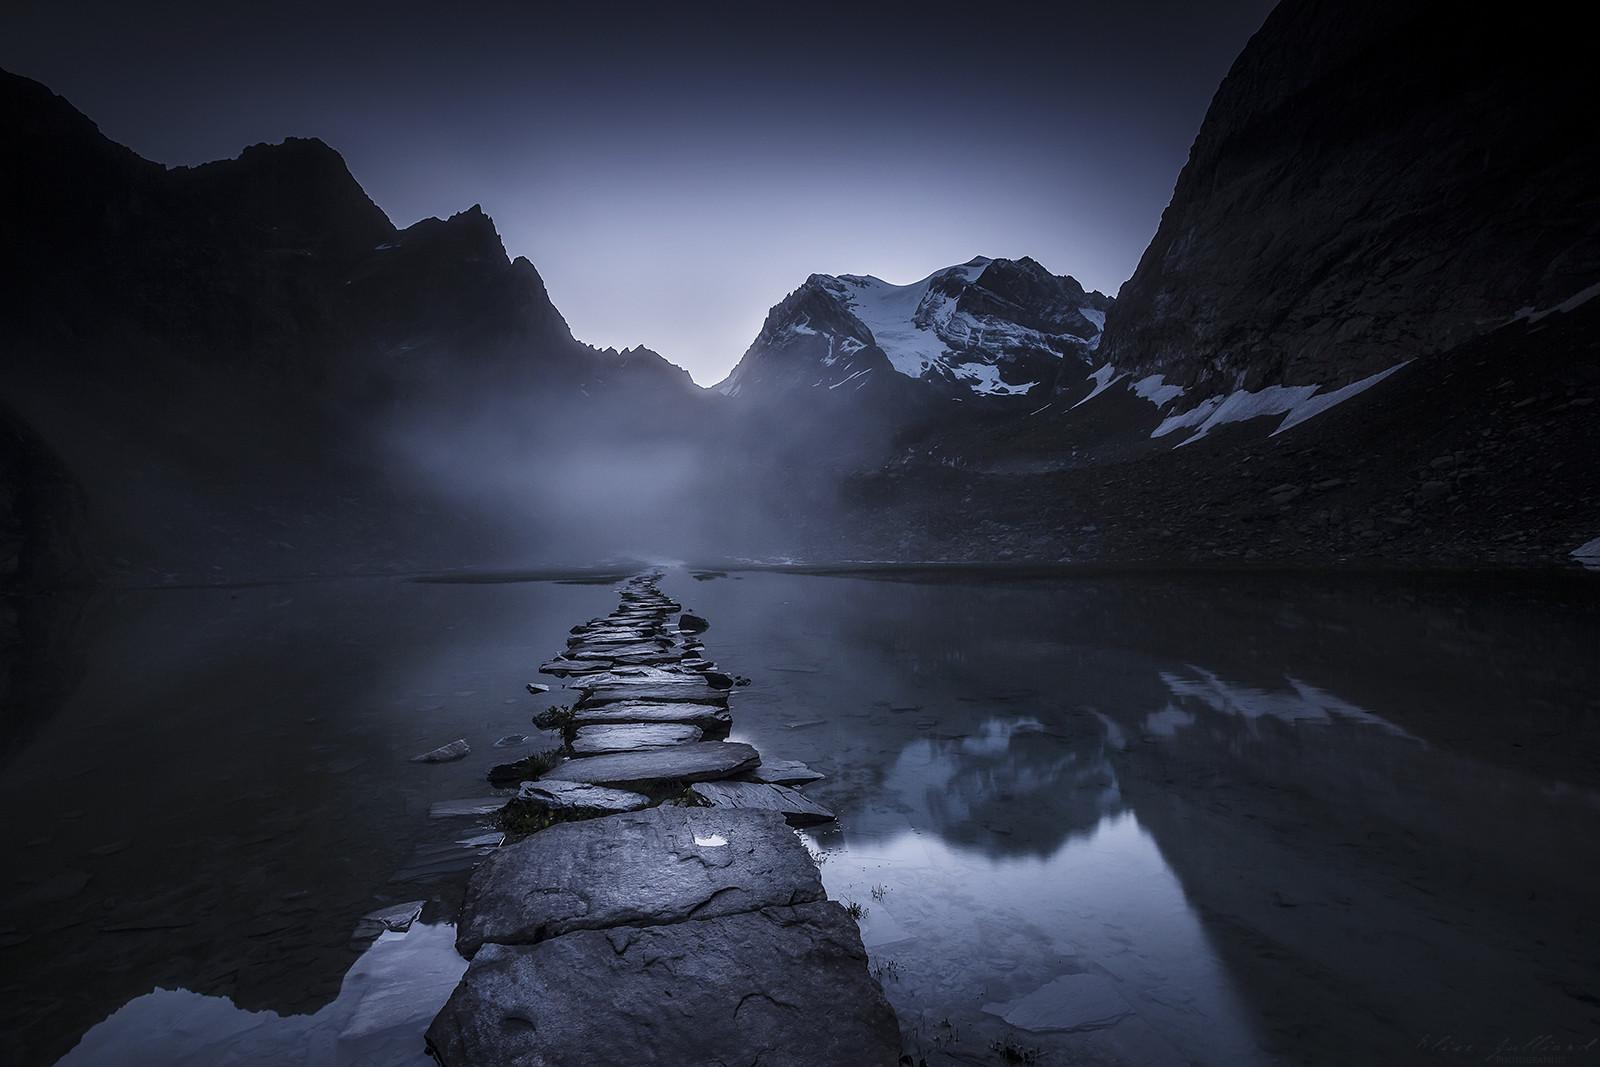 elise-julliard-photographe-rhone-alpes-paysage-grande-casse-tarentaise-pralognan-la-vanoise-lac-des-vaches